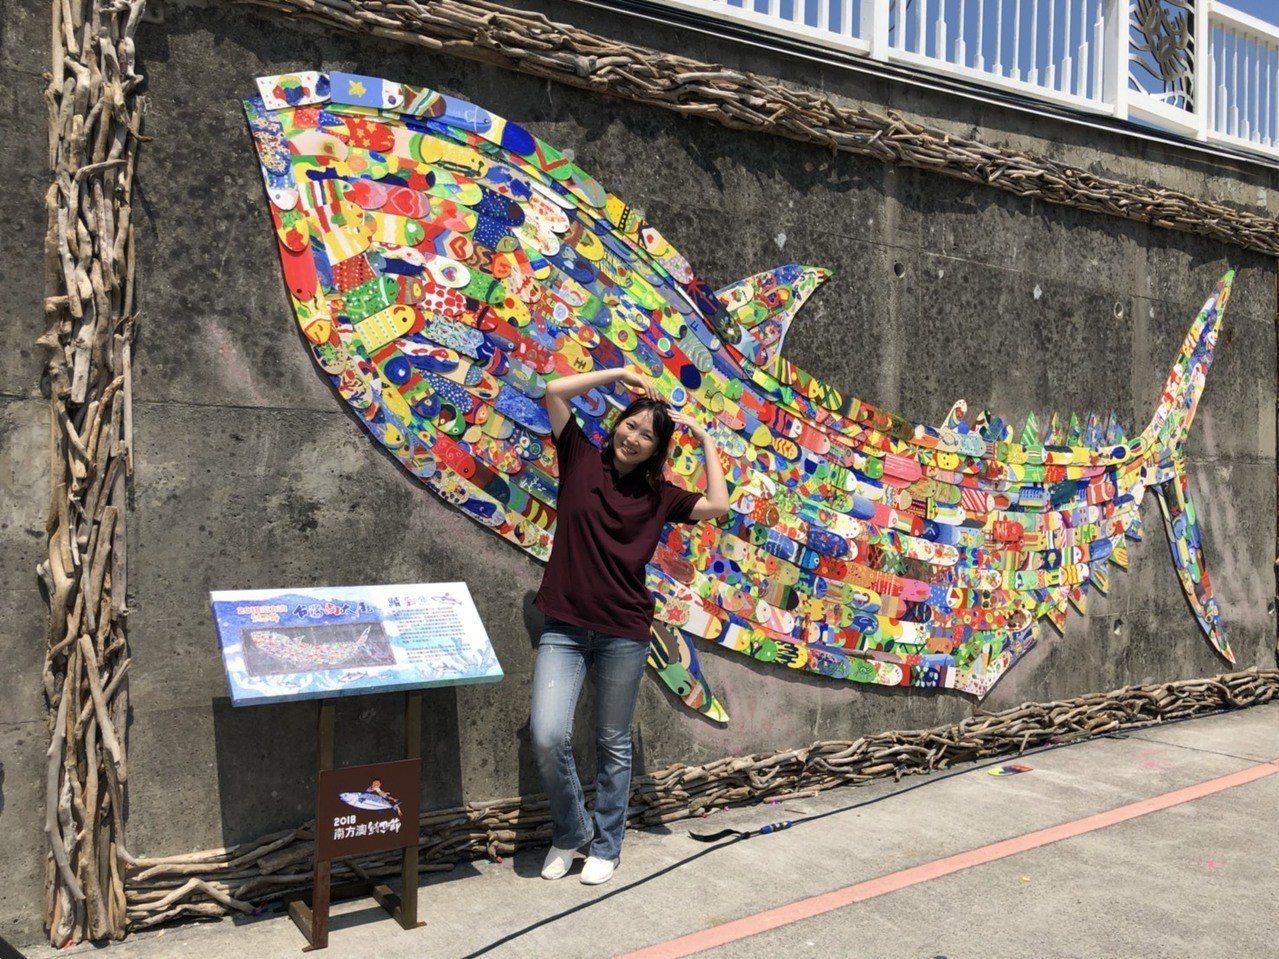 2018南方澳鯖魚節系列活動「鯖.彩繪」,以800片木片彩繪拼貼,加上漂流木的點...